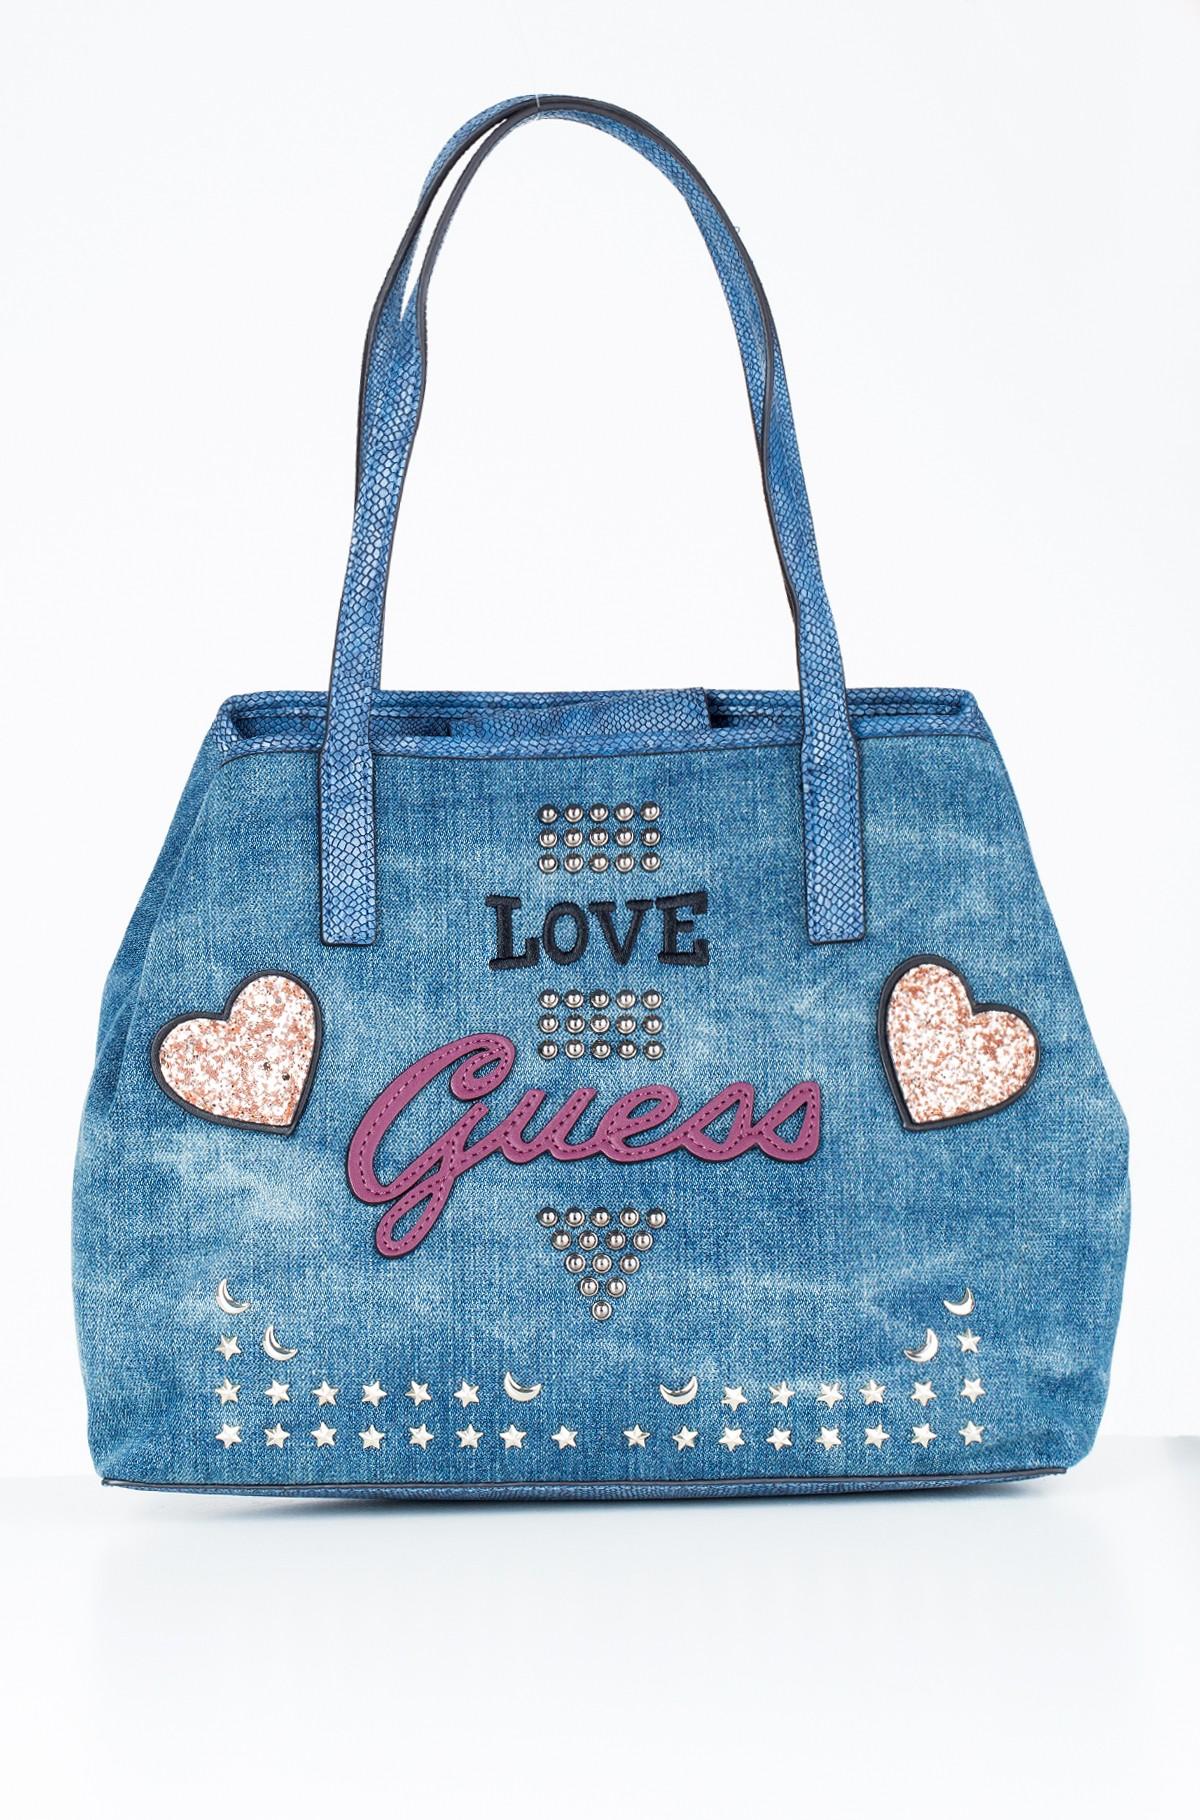 Handbag HWED69 95230-full-1